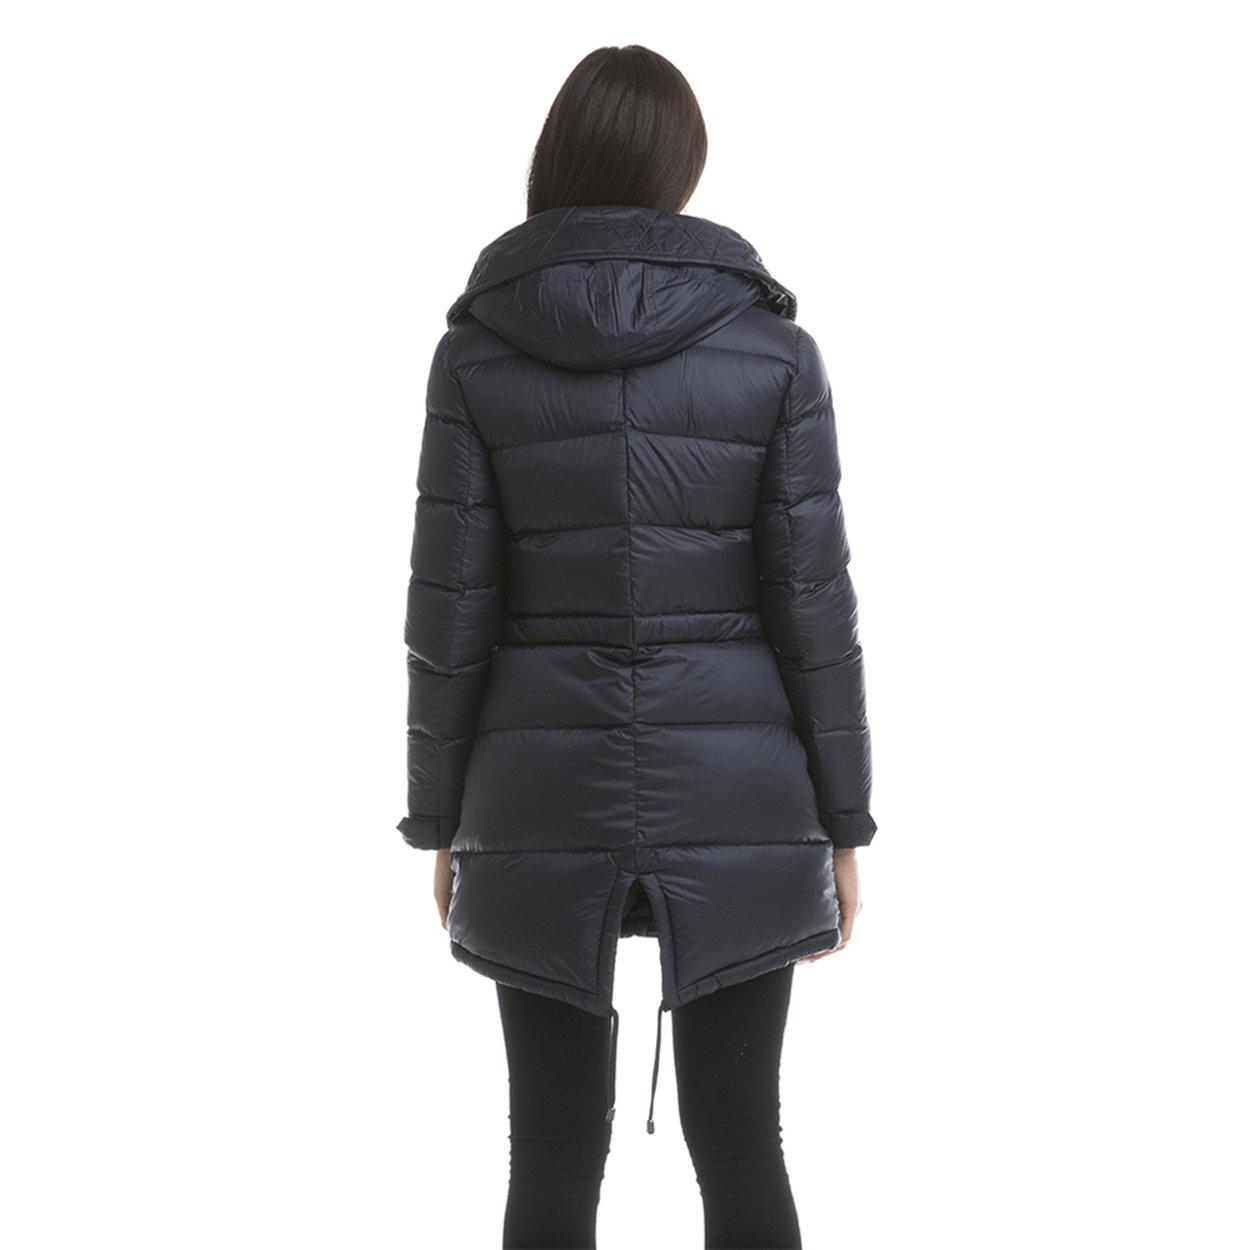 a basso prezzo d98e8 ed902 Giubbotto donna con maxi cappuccio blu - Invicta Capispalla - Acquista su  Ventis.